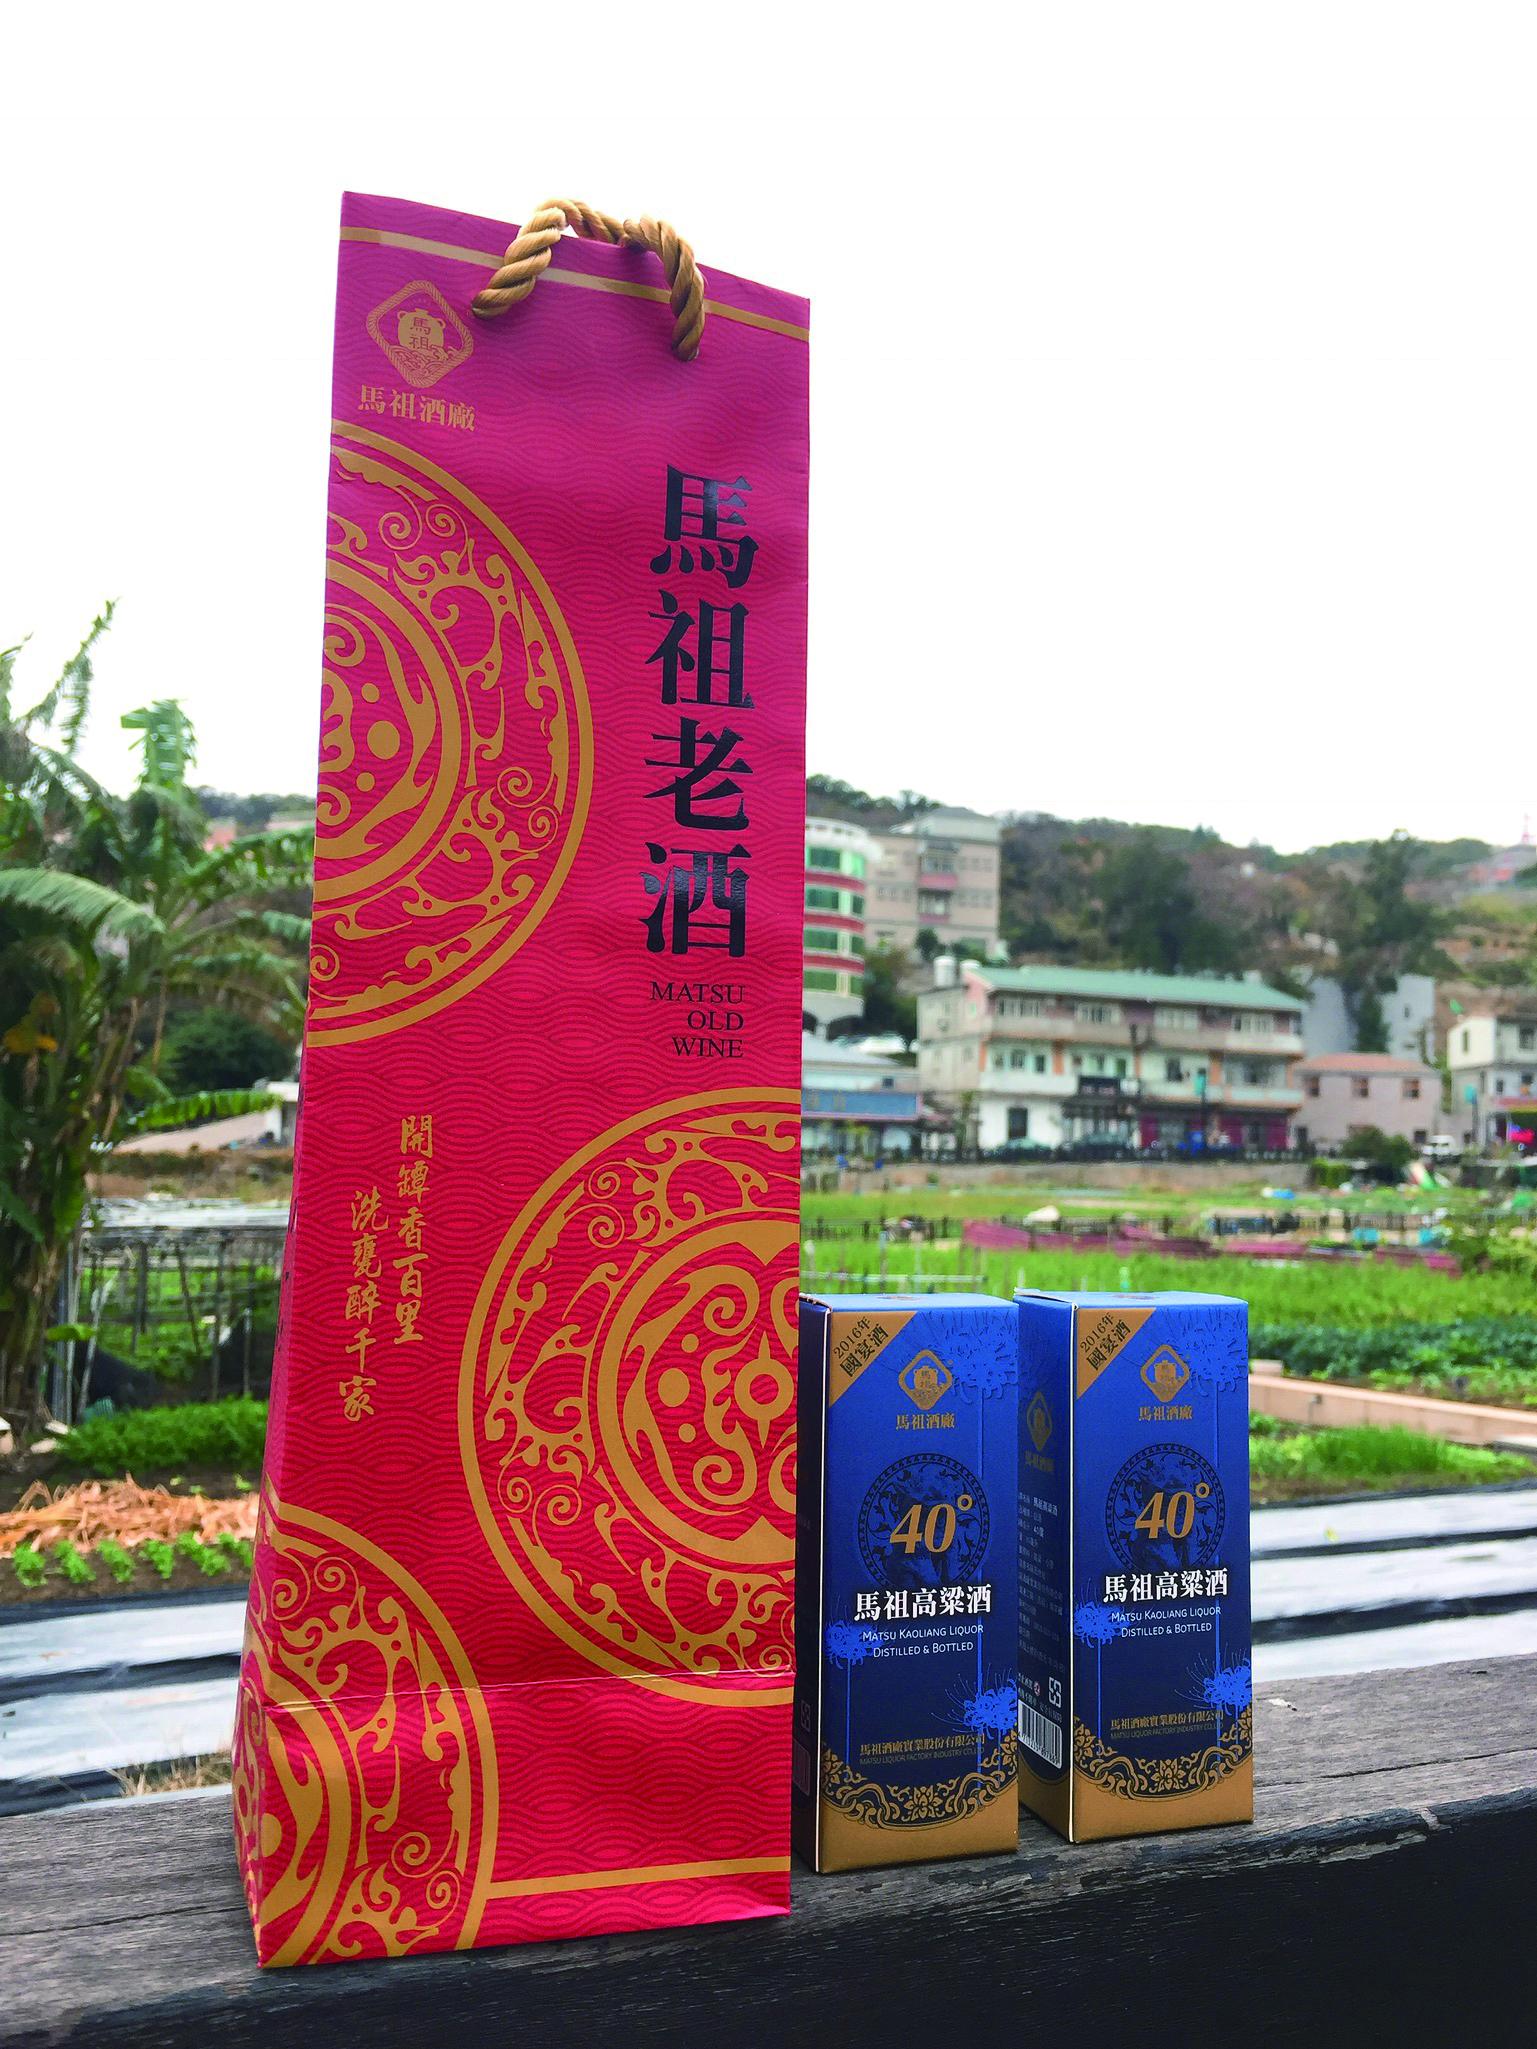 馬祖酒廠產的老酒已成觀光不可或缺的伴手禮。.JPG